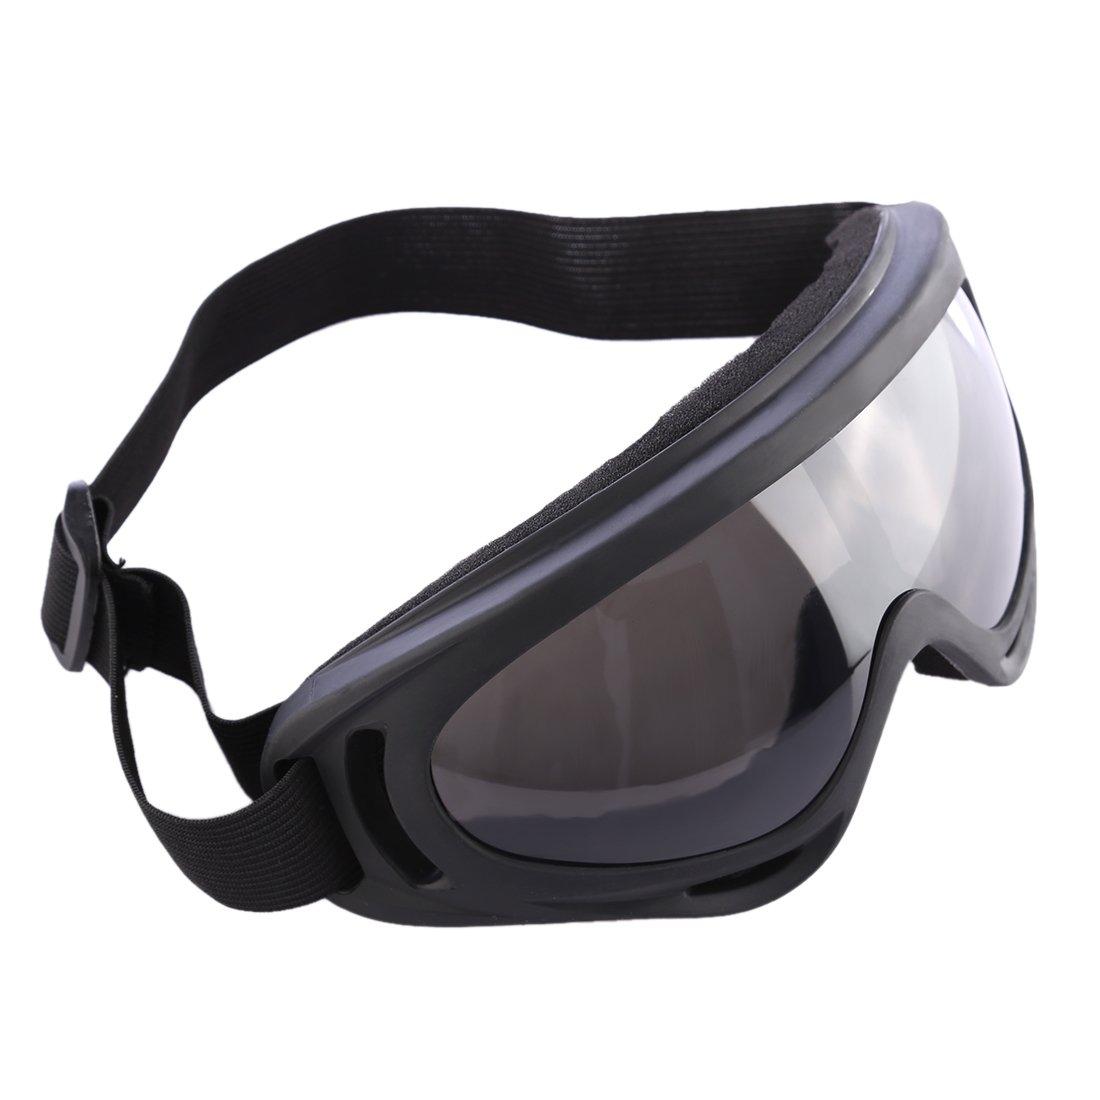 Paintball Balle en Mousse CS Game Outdoor Airsoft militaire pour Masque Nerf Rival /élite Lunette Masque Airsoft Foxom X400 Lunette de Protection des yeux Anti-Fl/échette